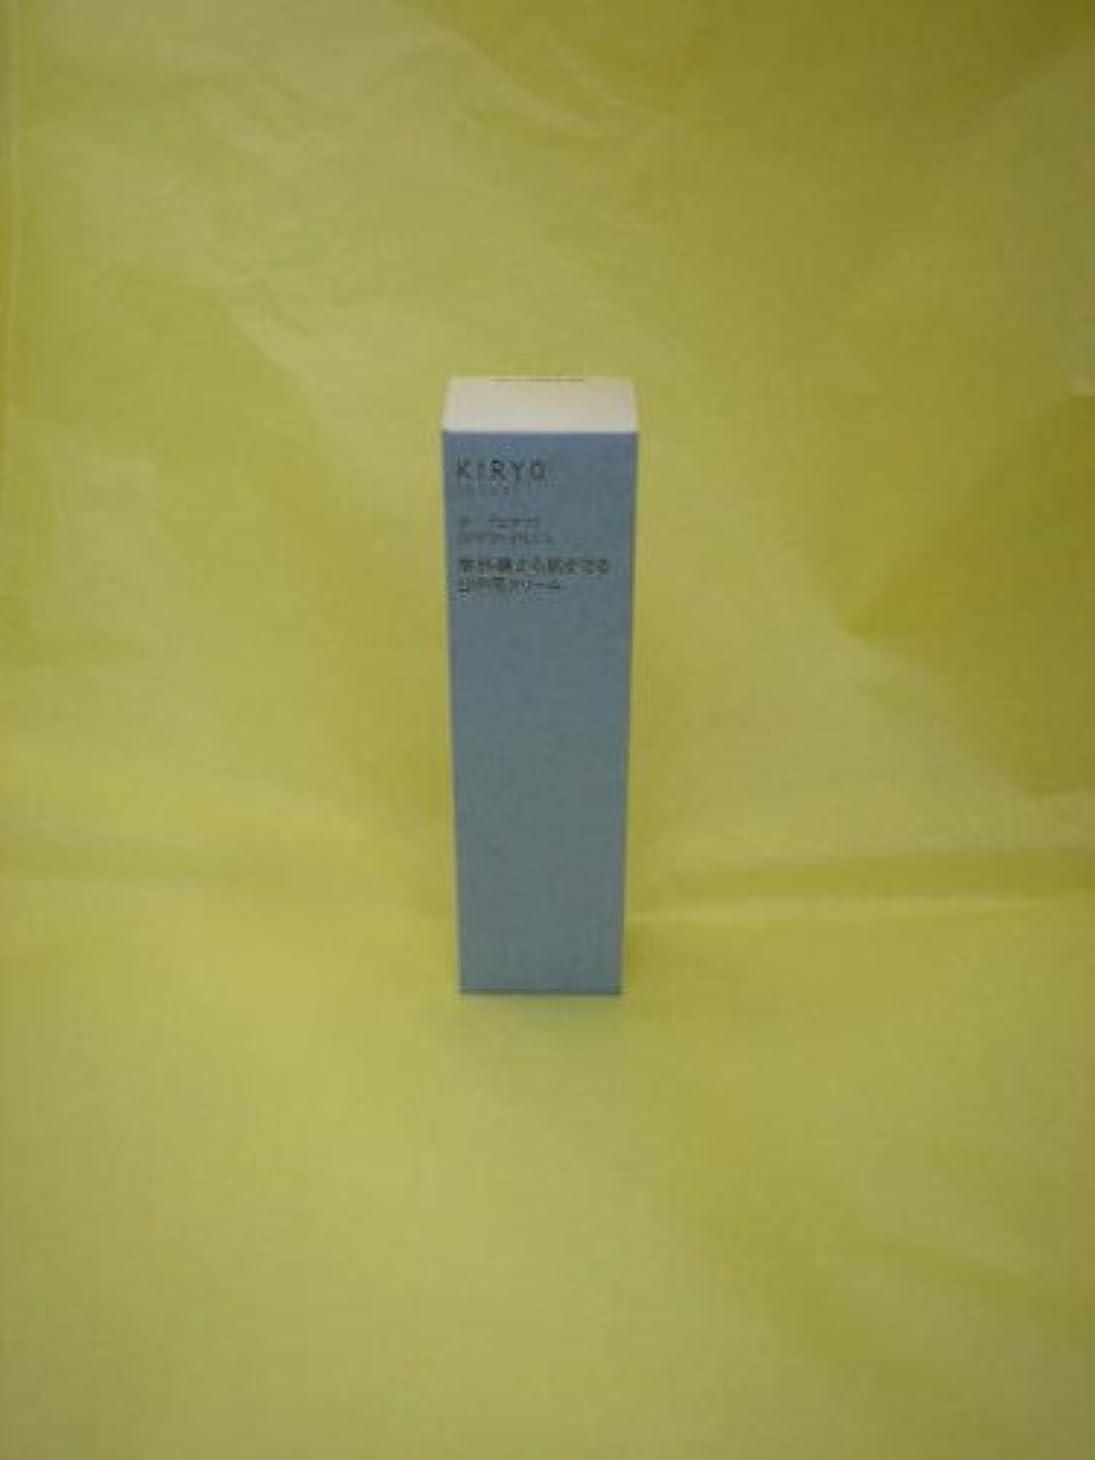 天皇成長するパッドキリョウ デ-プロテクト 30g( 植物派化粧品)